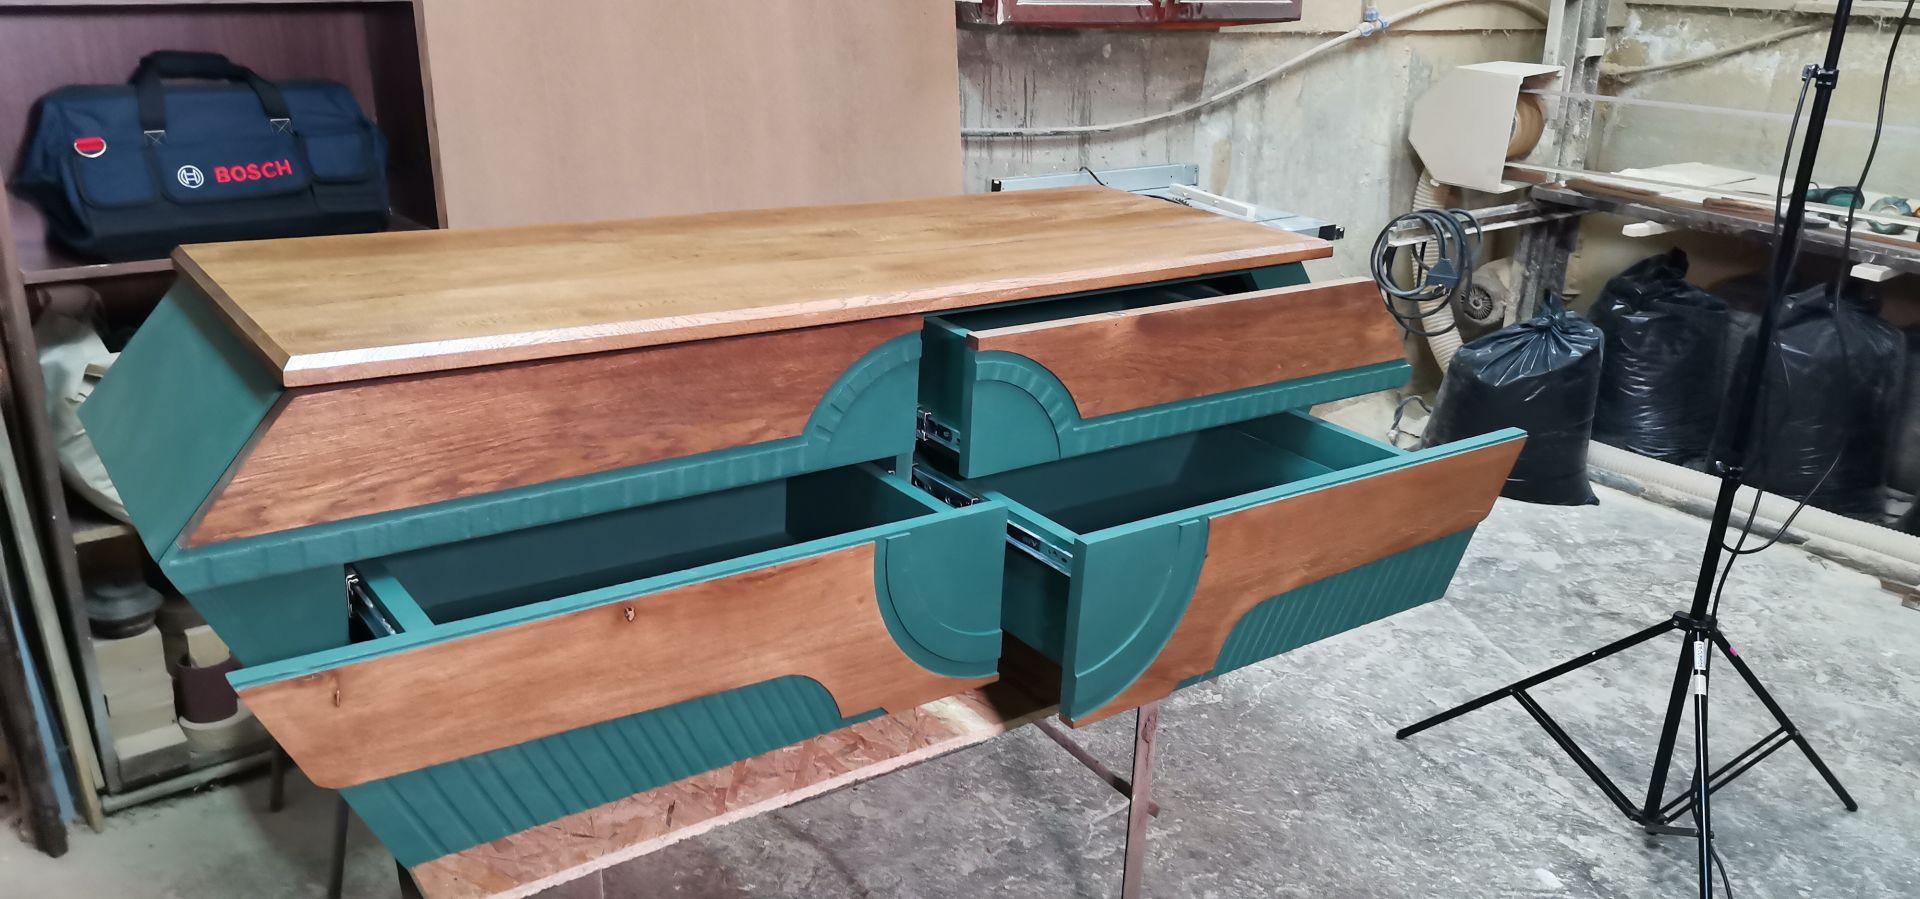 Този модерен ТВ шкаф е бил всъщност много стара маса. Създаден е на принципът на Златното сечение